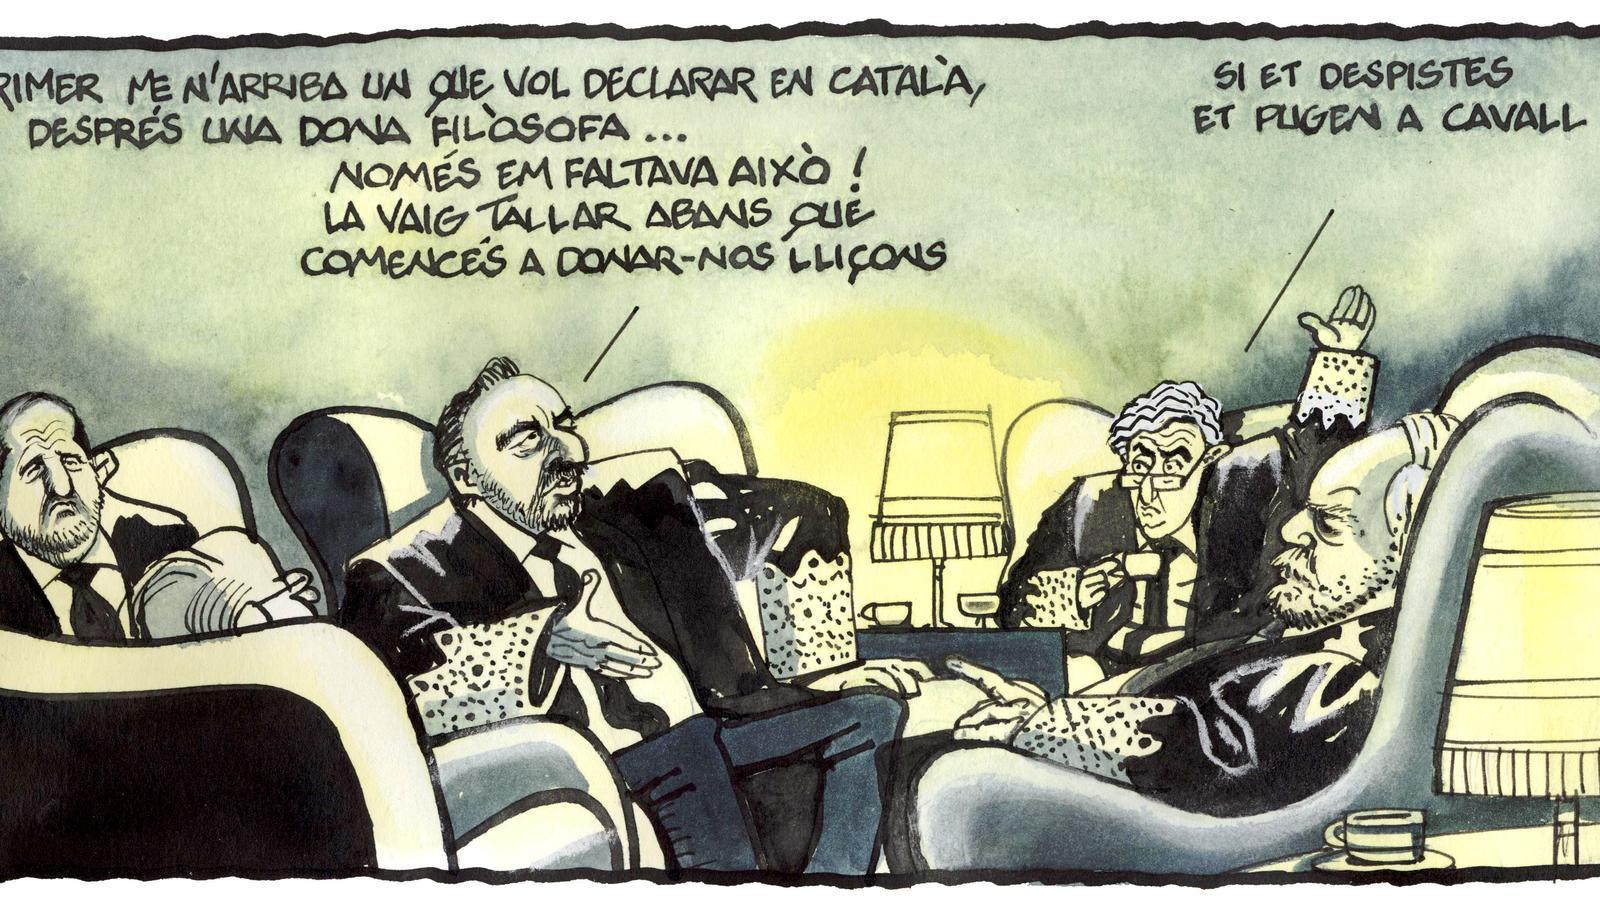 'A la contra', per Ferreres (20/05/2019)